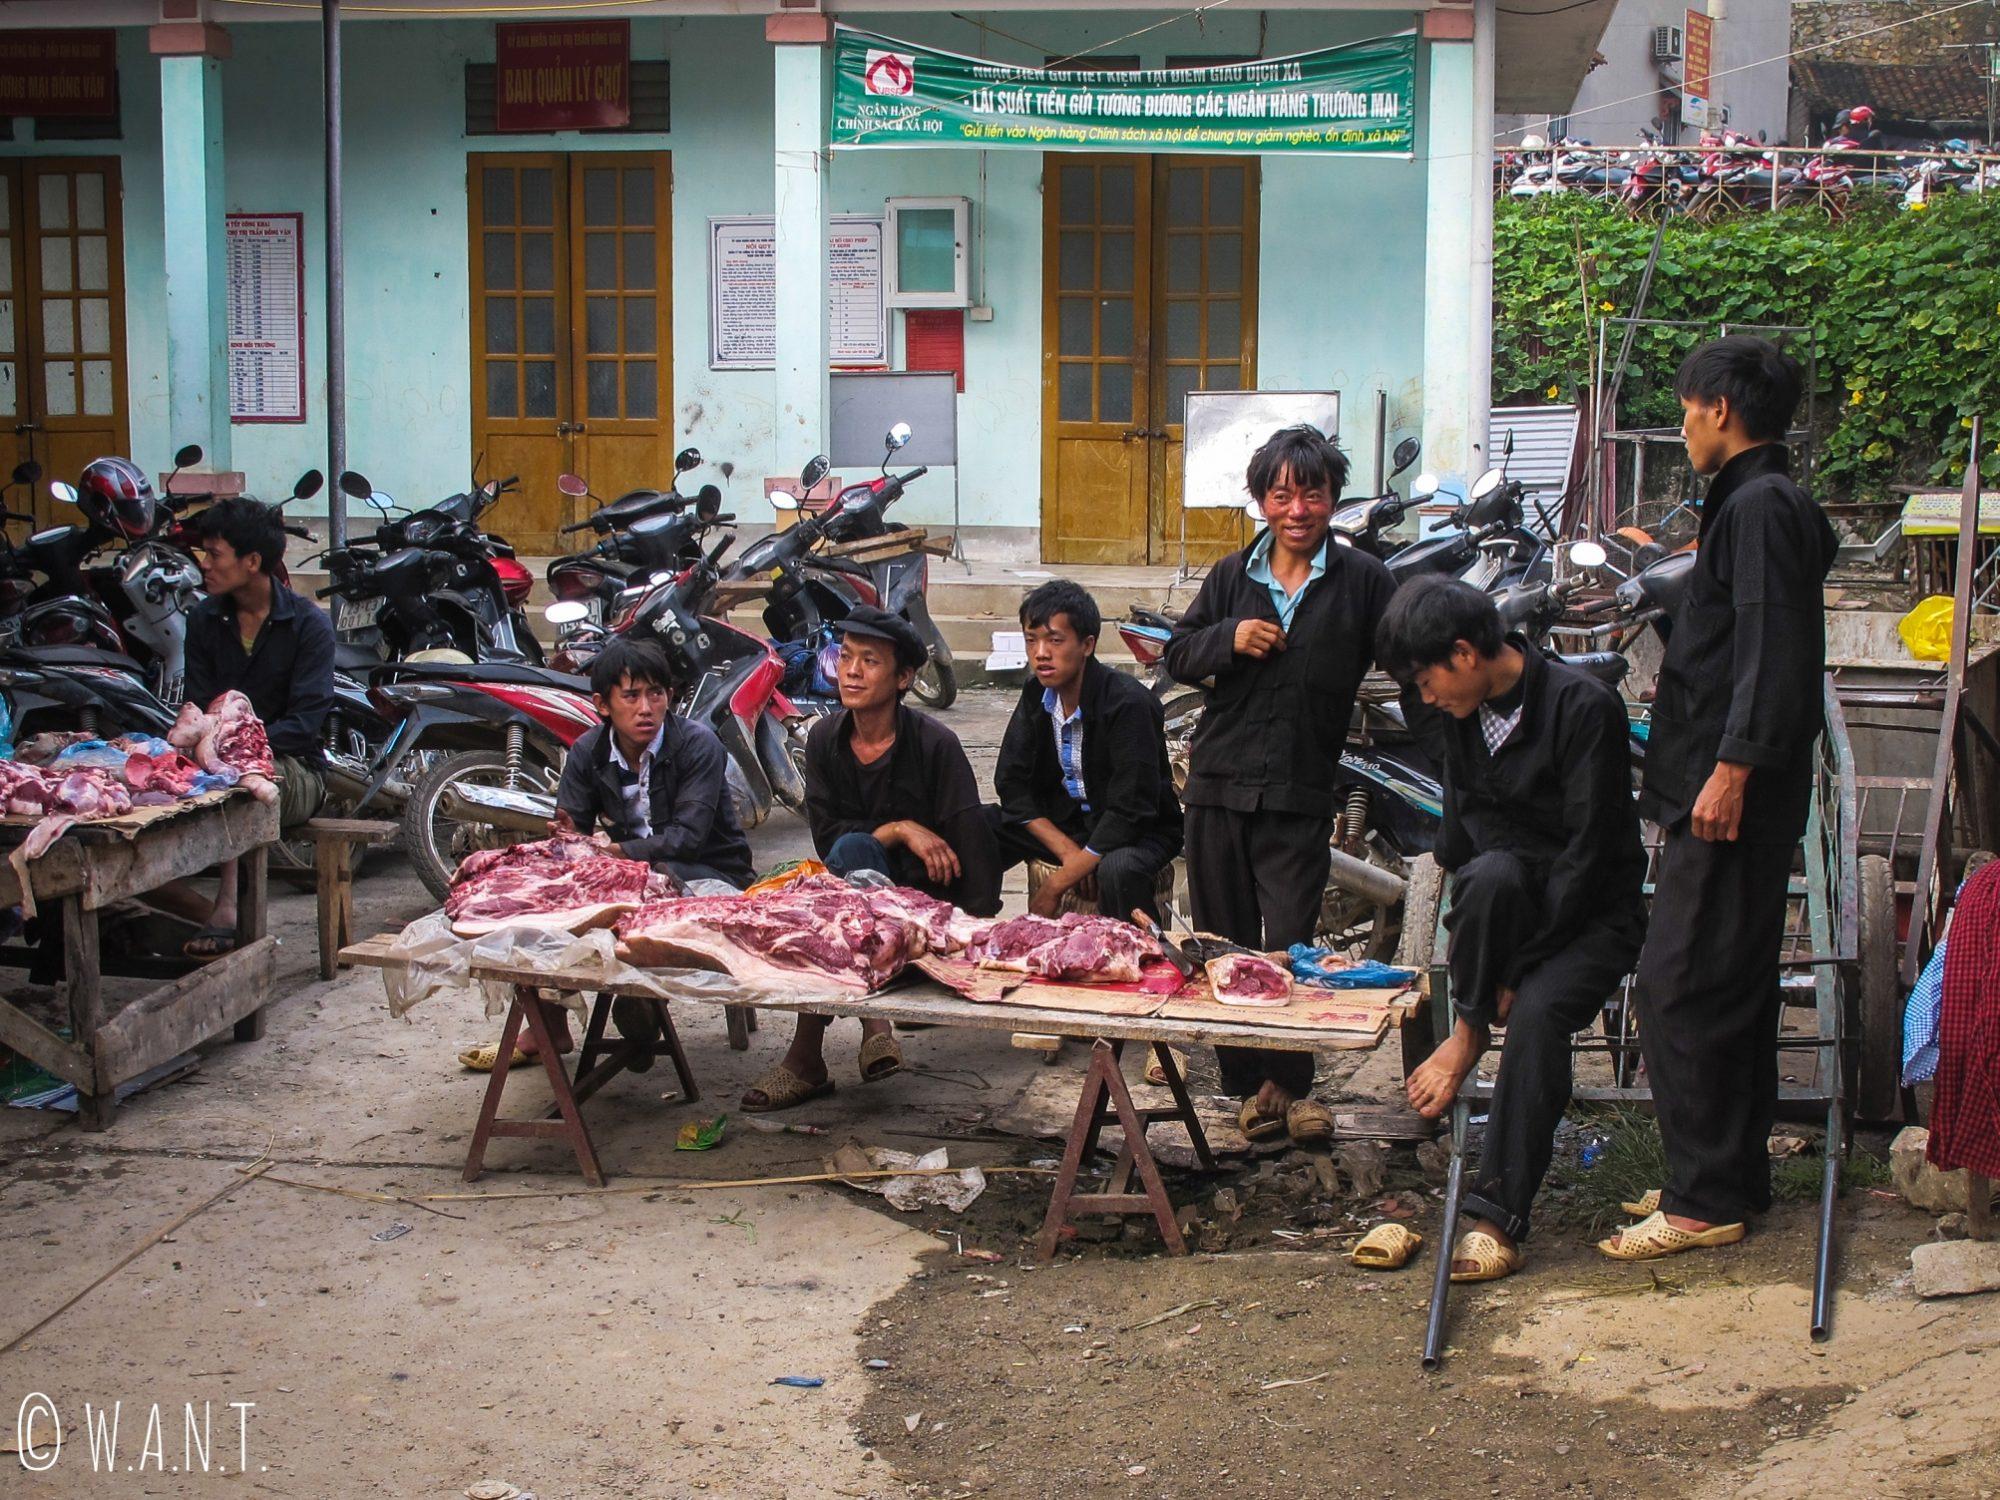 Étal de boucherie sur le bord de la route à Dong Van